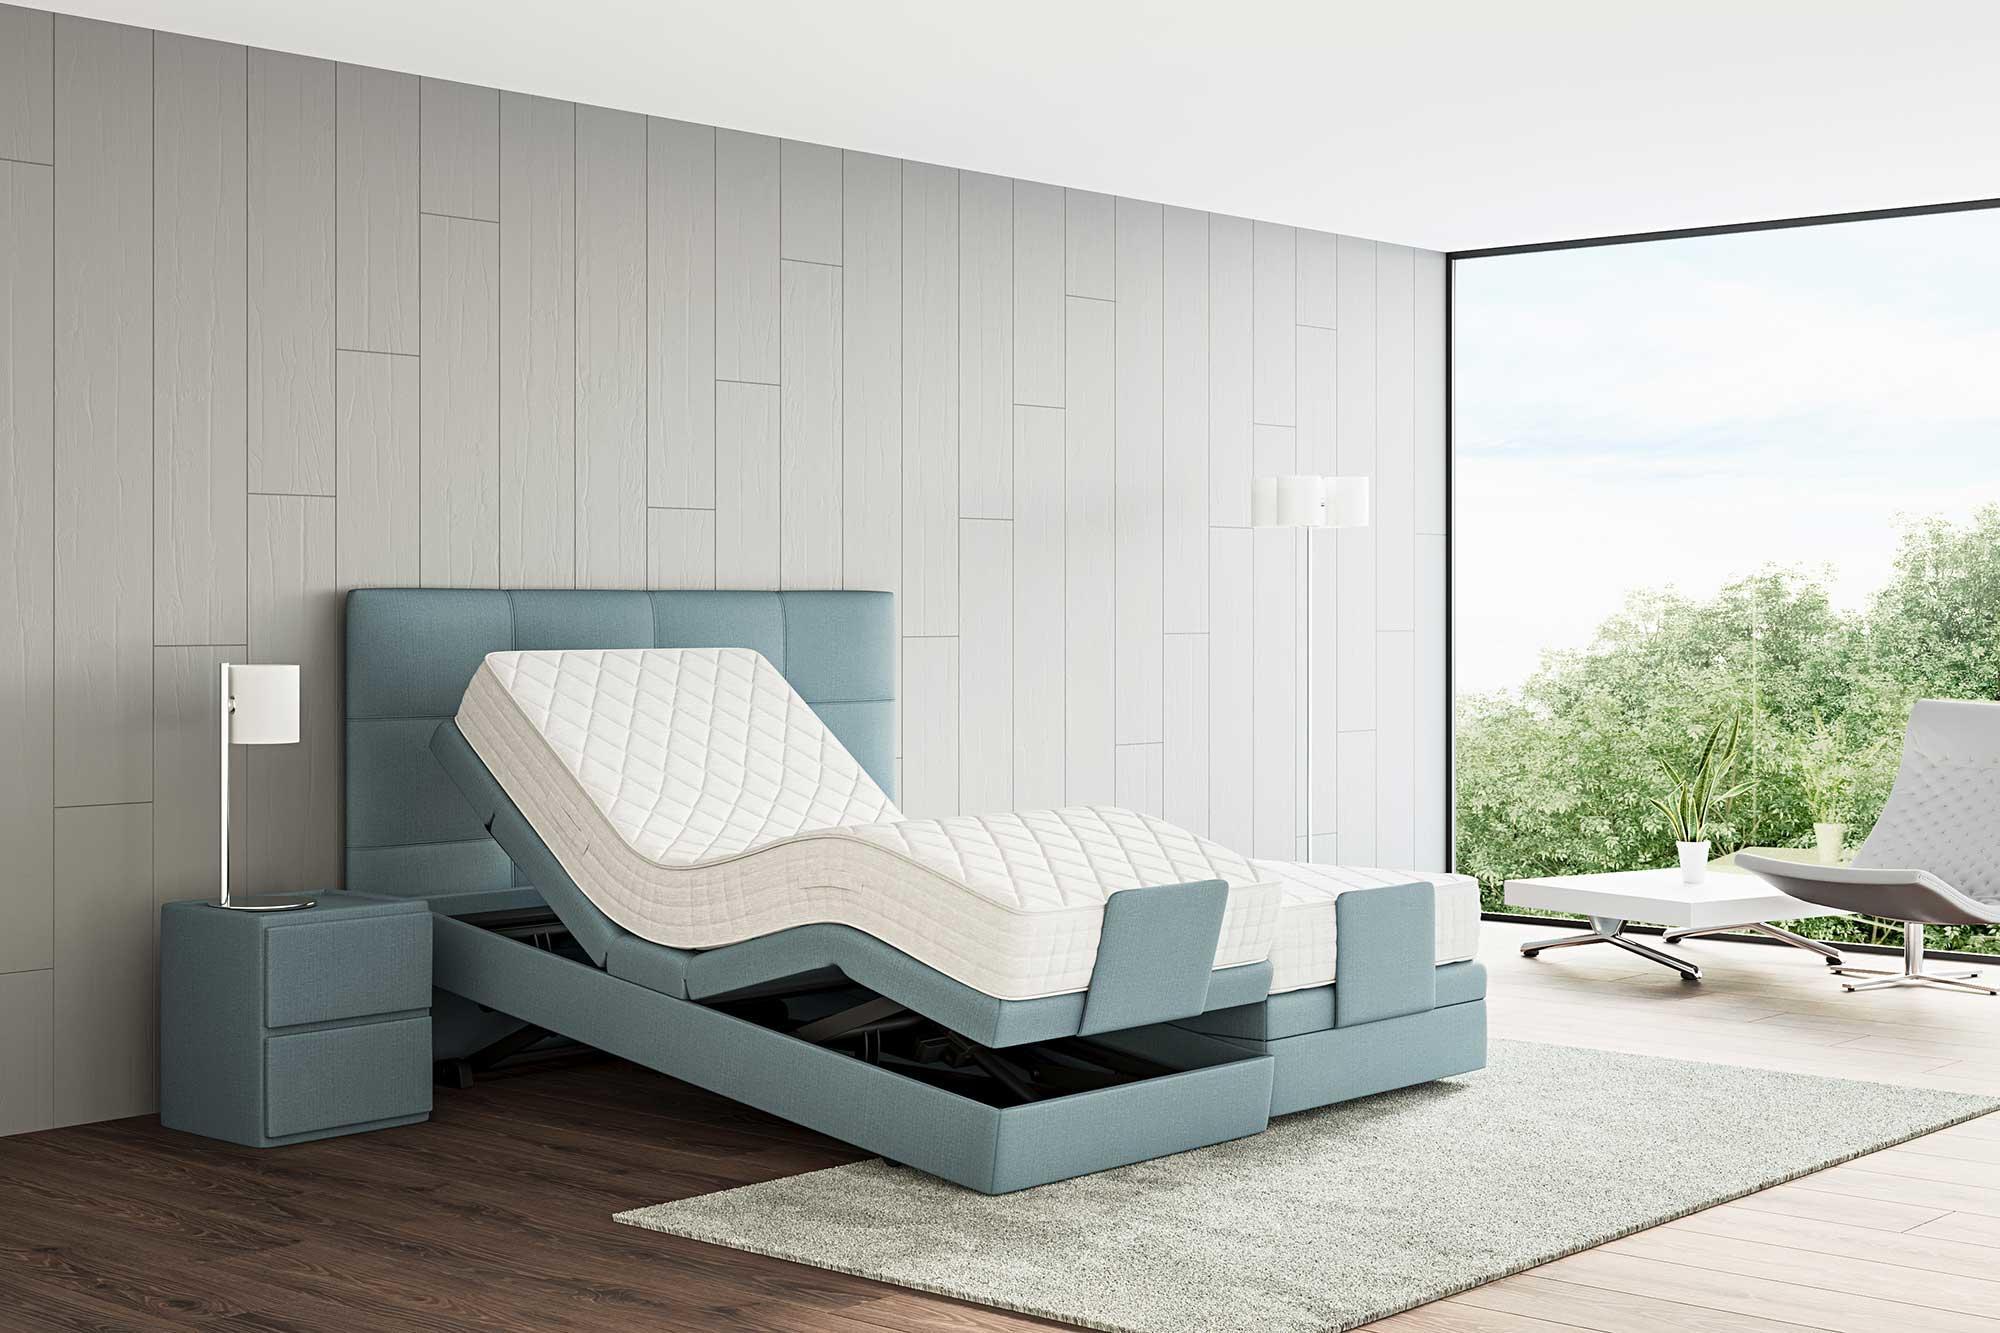 Full Size of Schlafstudio Helm Preise Matratzen Herstellung Wohnzimmer Schlafstudio Helm